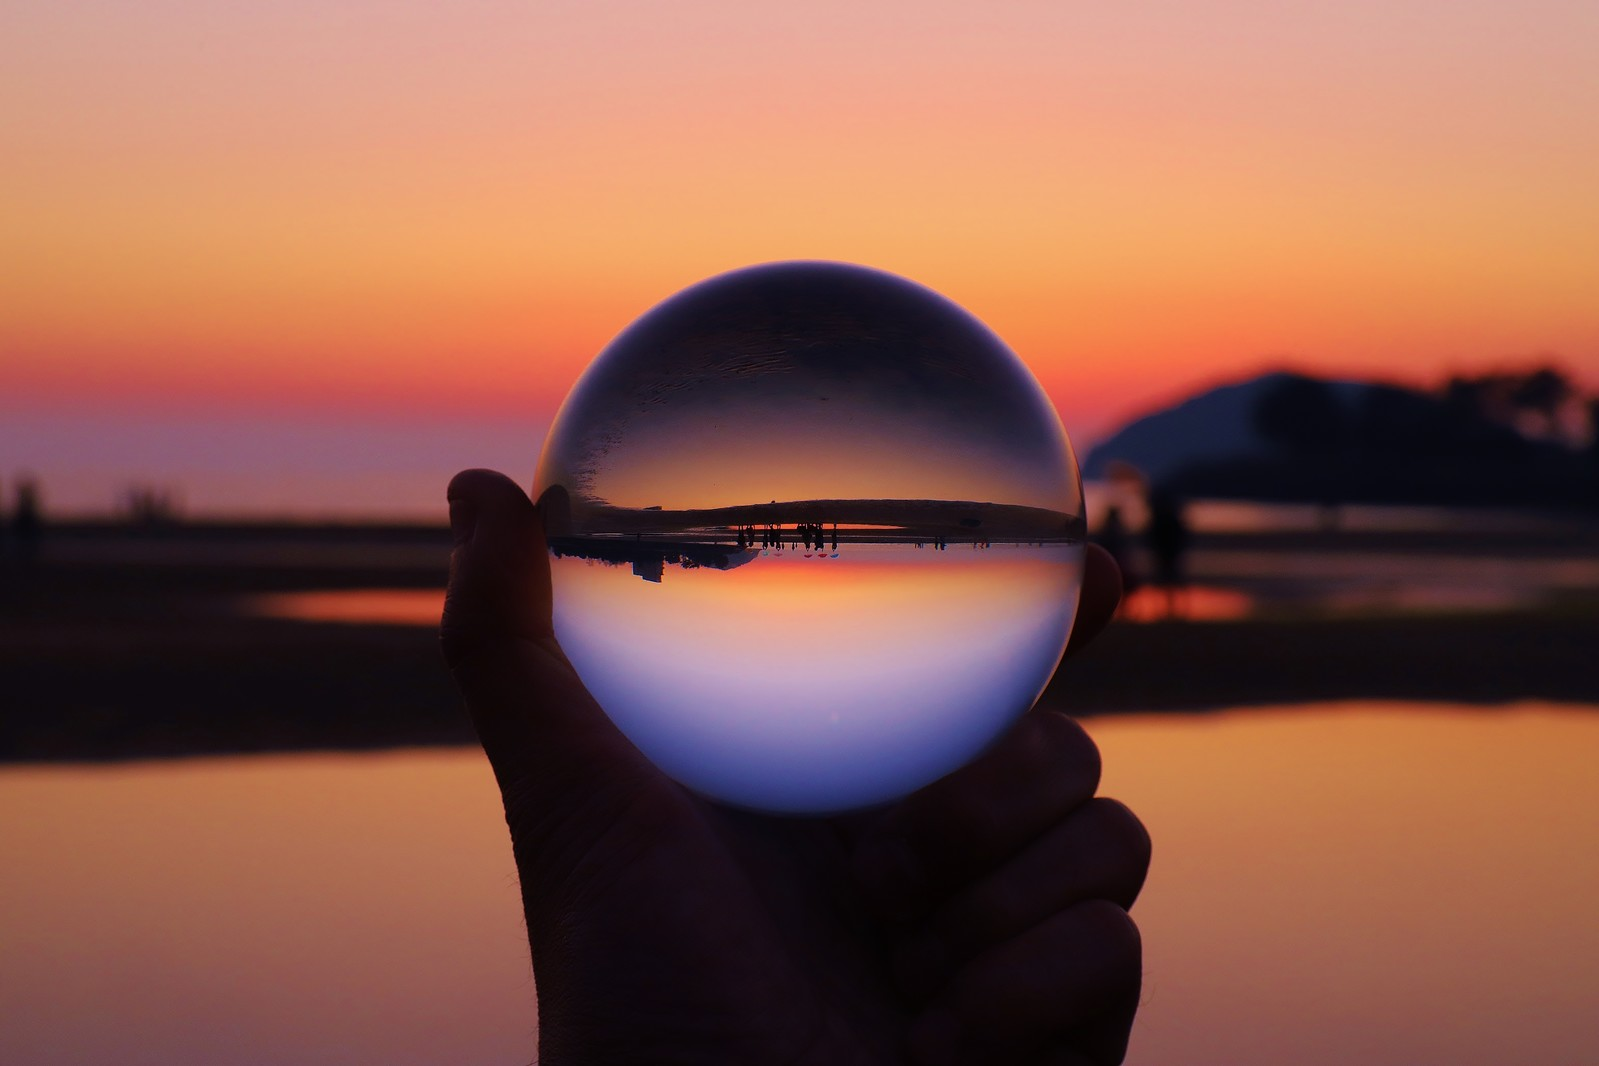 「水晶球の中で反転する日没の夕暮れ」の写真